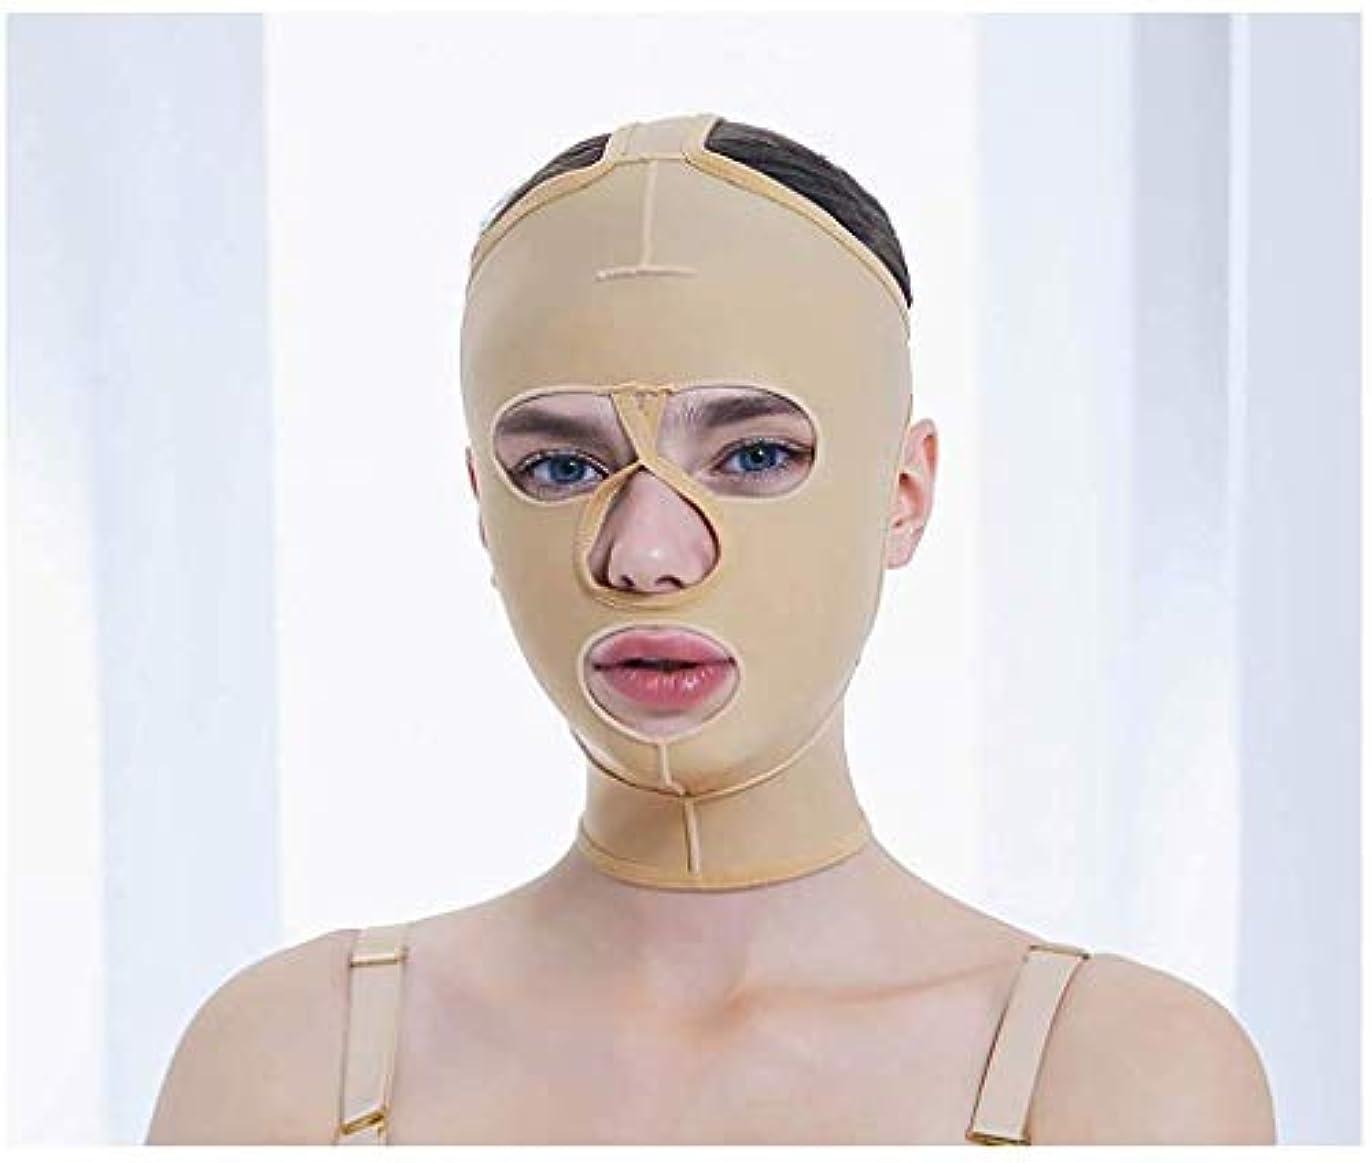 保守的受け皿悔い改めるスリミングVフェイスマスク、顔と首のリフト、減量フェイスマスク脂肪吸引術脂肪吸引術シェーピングマスクフードフェイスリフティングアーティファクトVフェイスビームフェイス弾性スリーブ(サイズ:M)